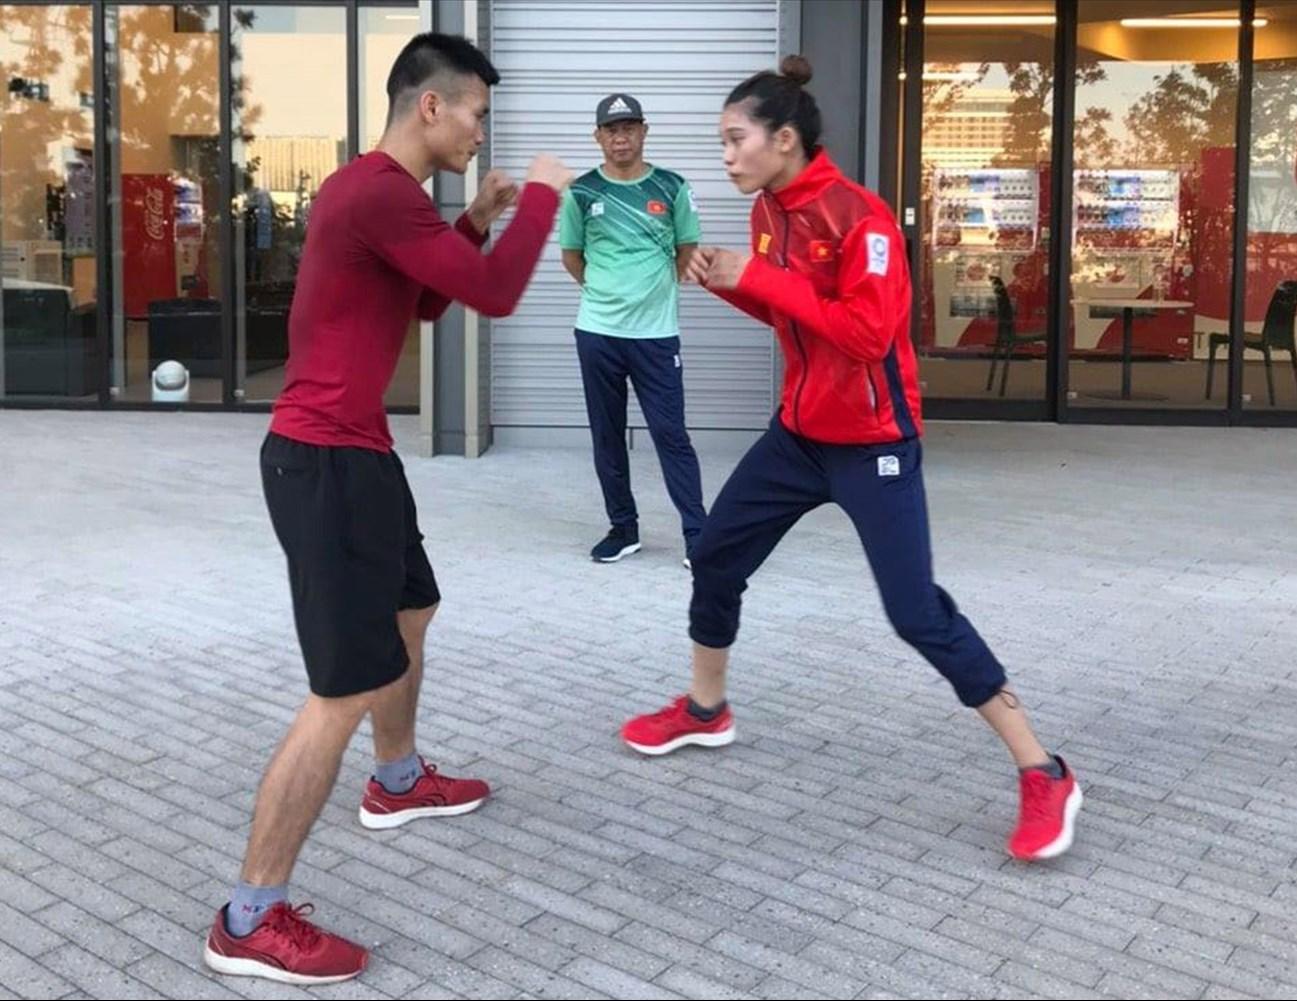 Các vận động viên Boxing tranh thủ tập ngay ngoài trời